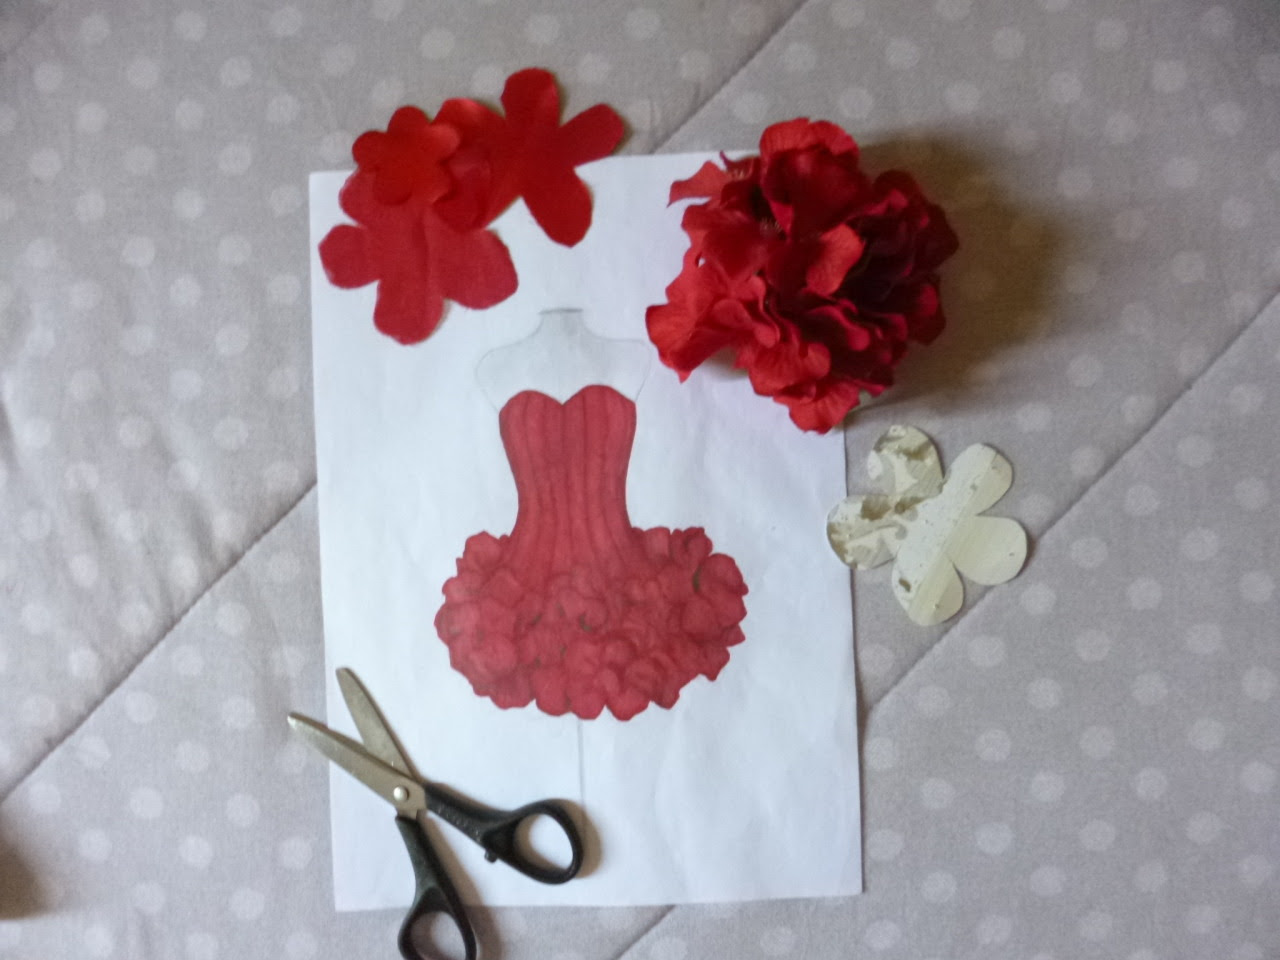 ilustraçÃo de um vestido de flores vermelhas